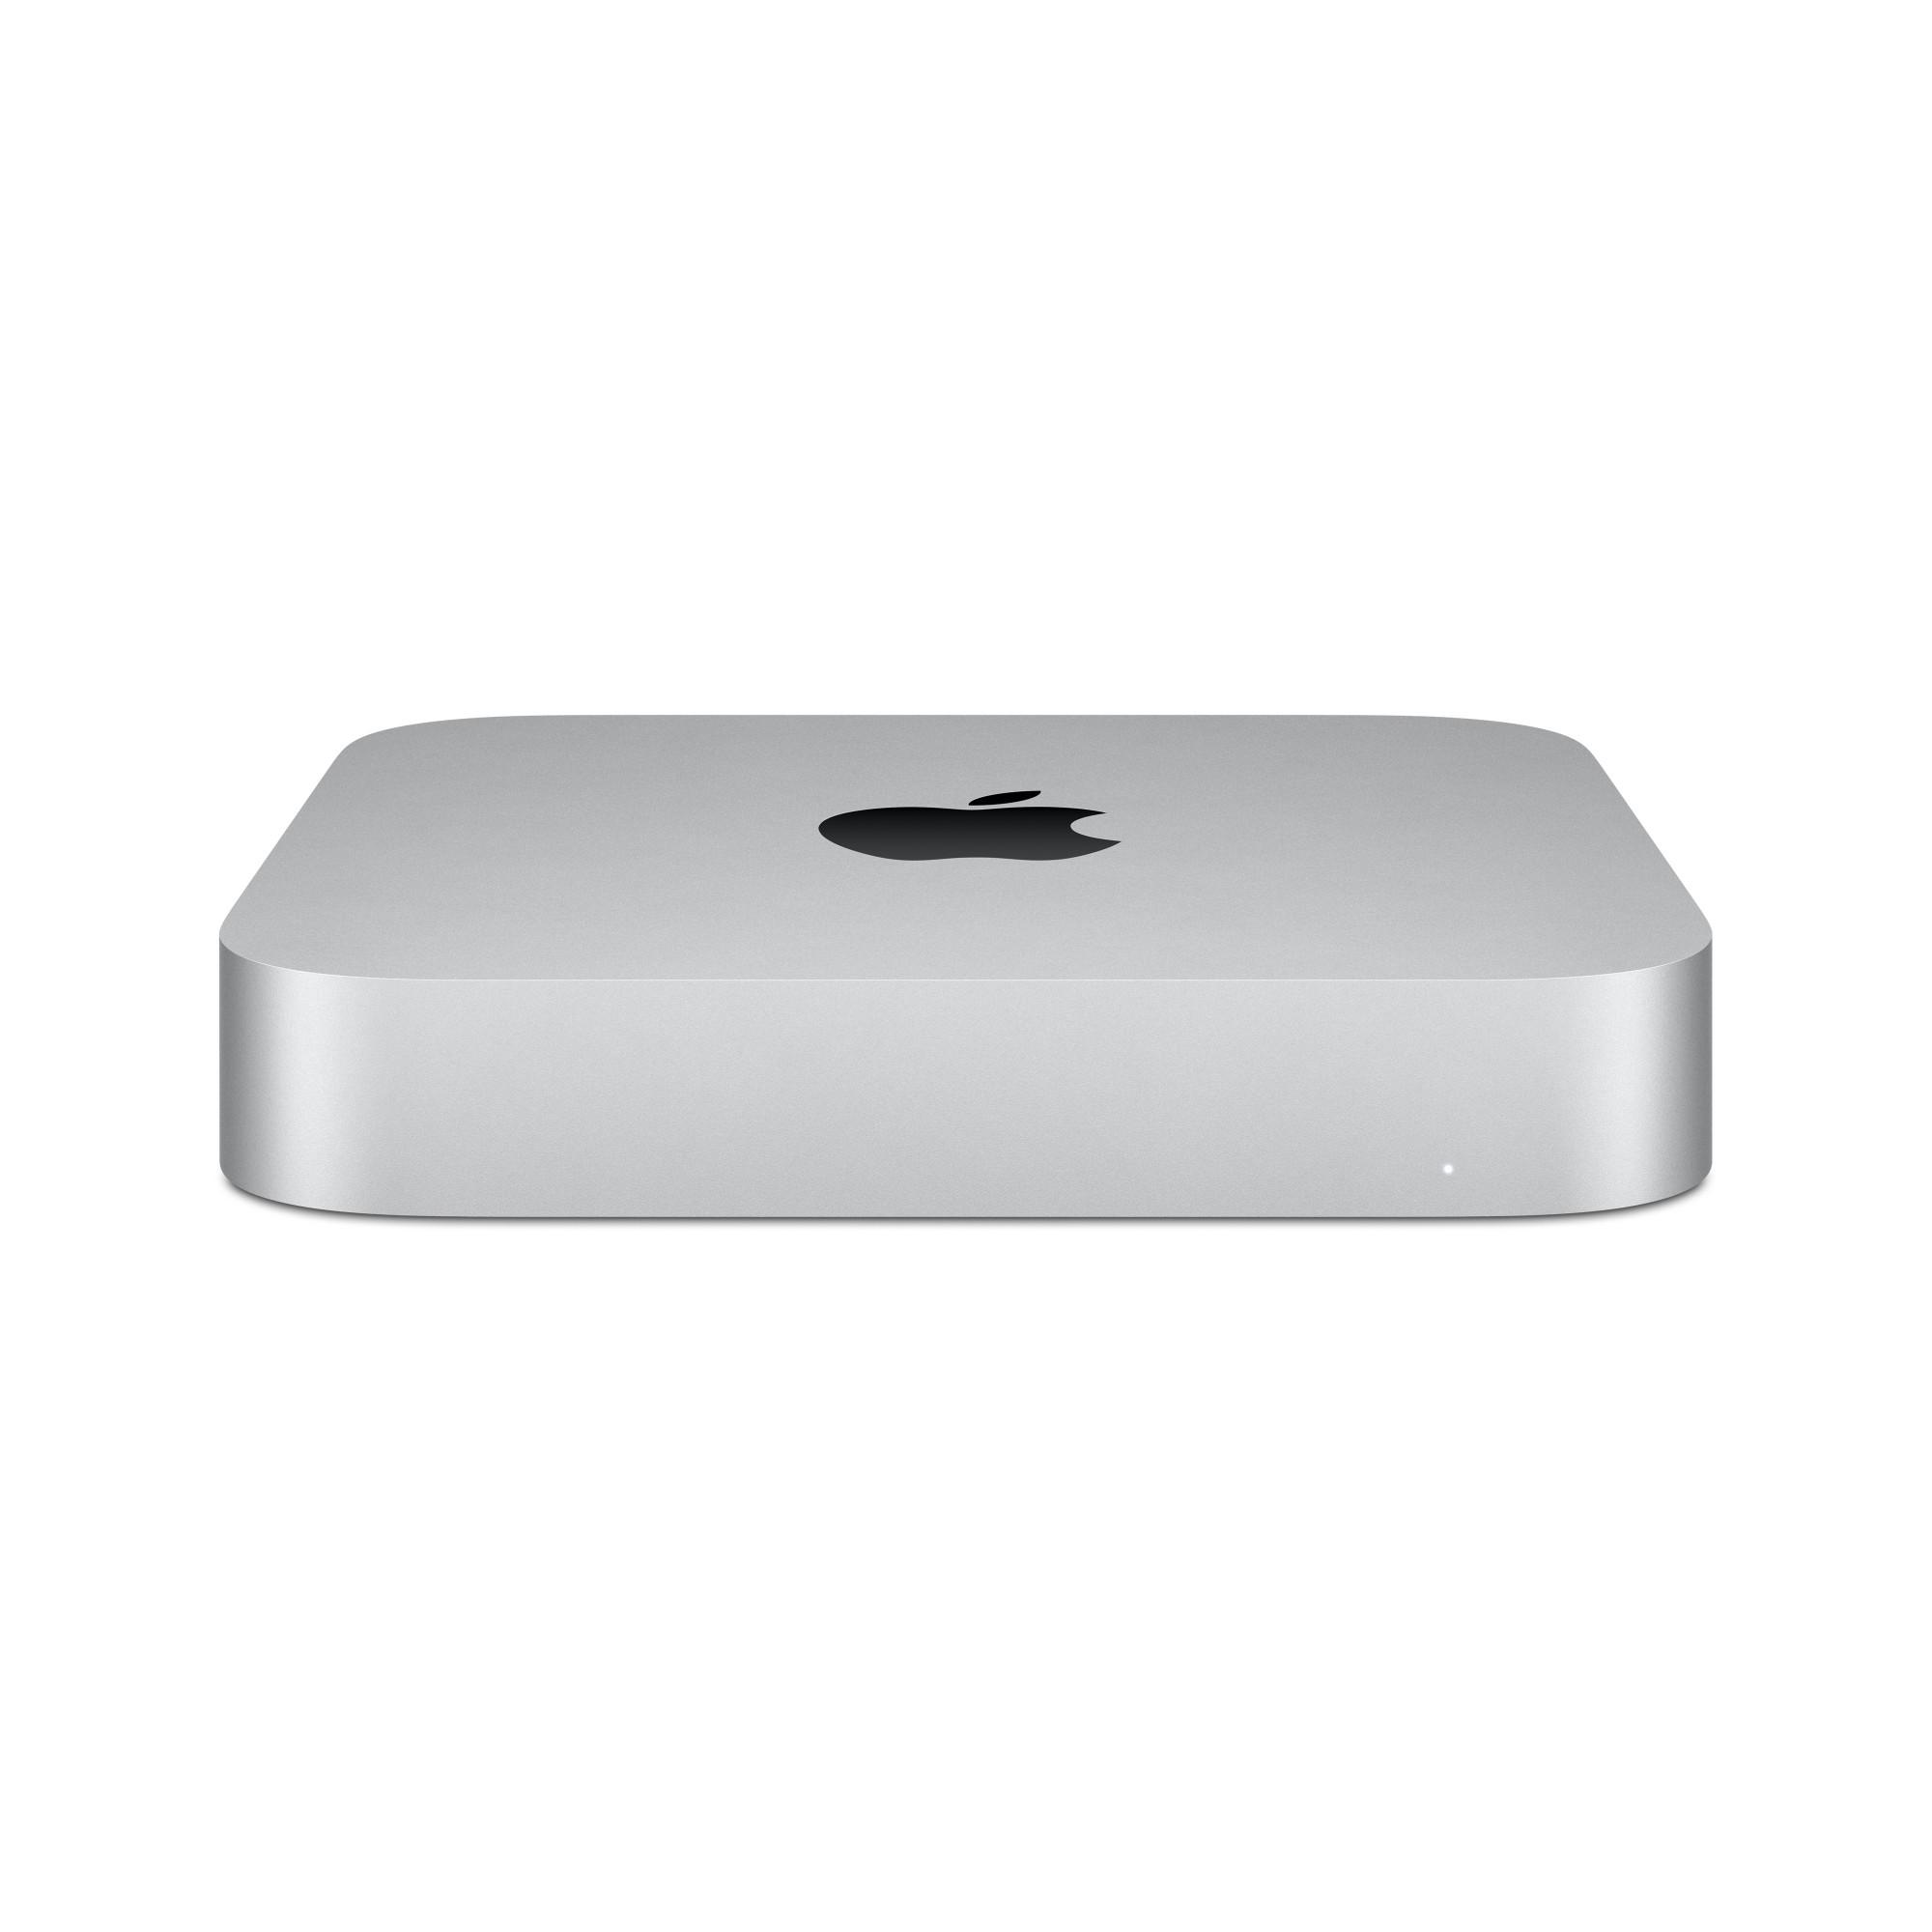 Apple Mac mini DDR4-SDRAM M1 Apple M 16 GB 256 GB SSD macOS Big Sur Mini PC Silver